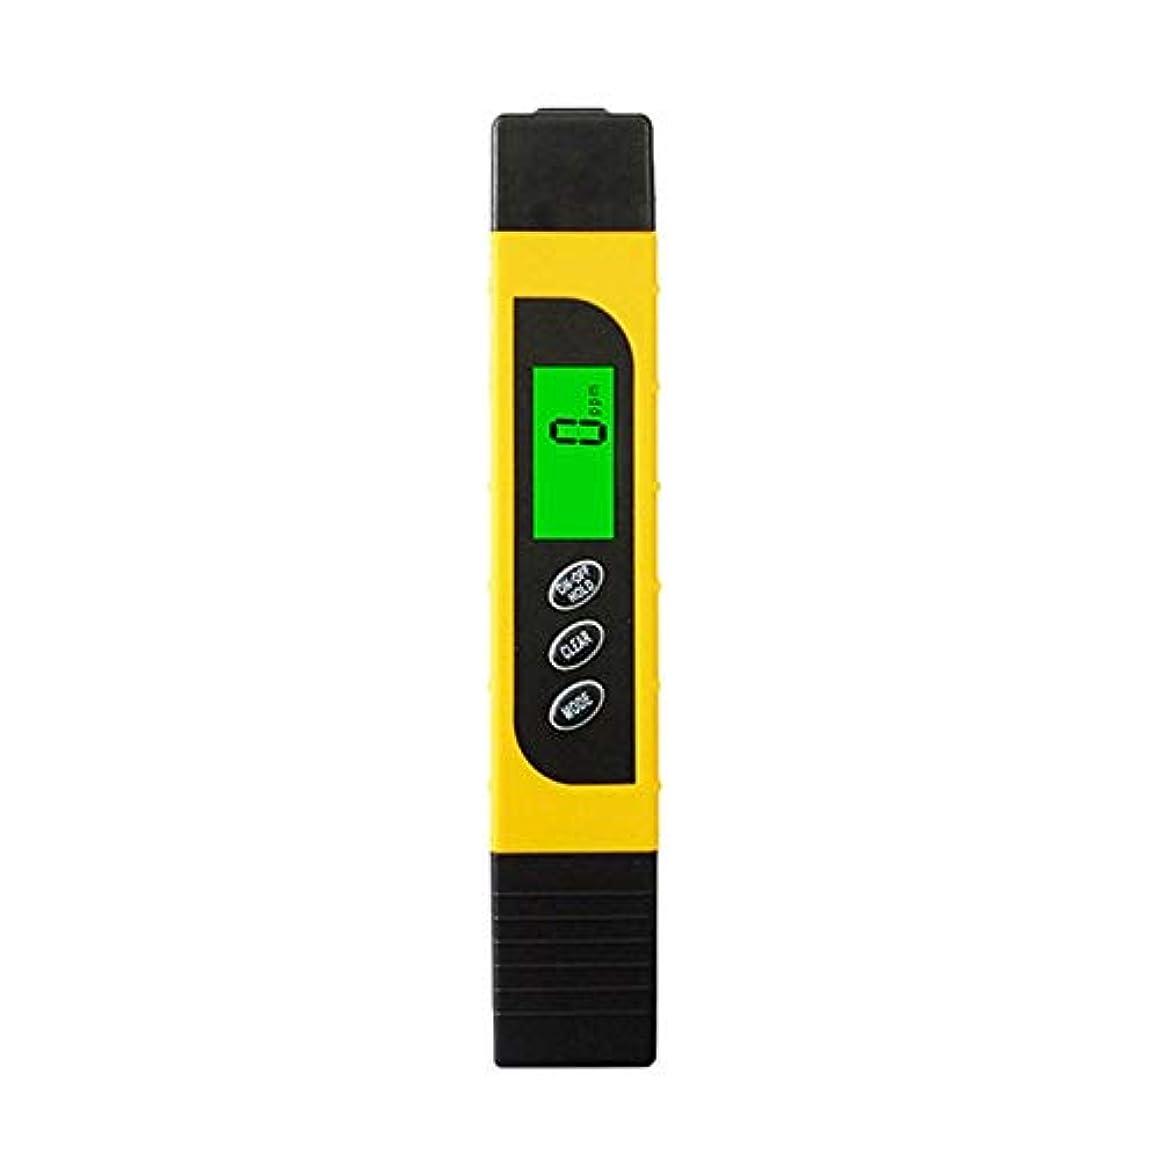 ハブ敬楽しむ多機能TDSメーターテスターポータブルデジタルペン0.01高精度フィルター測定水質純度テストツール - 黄色